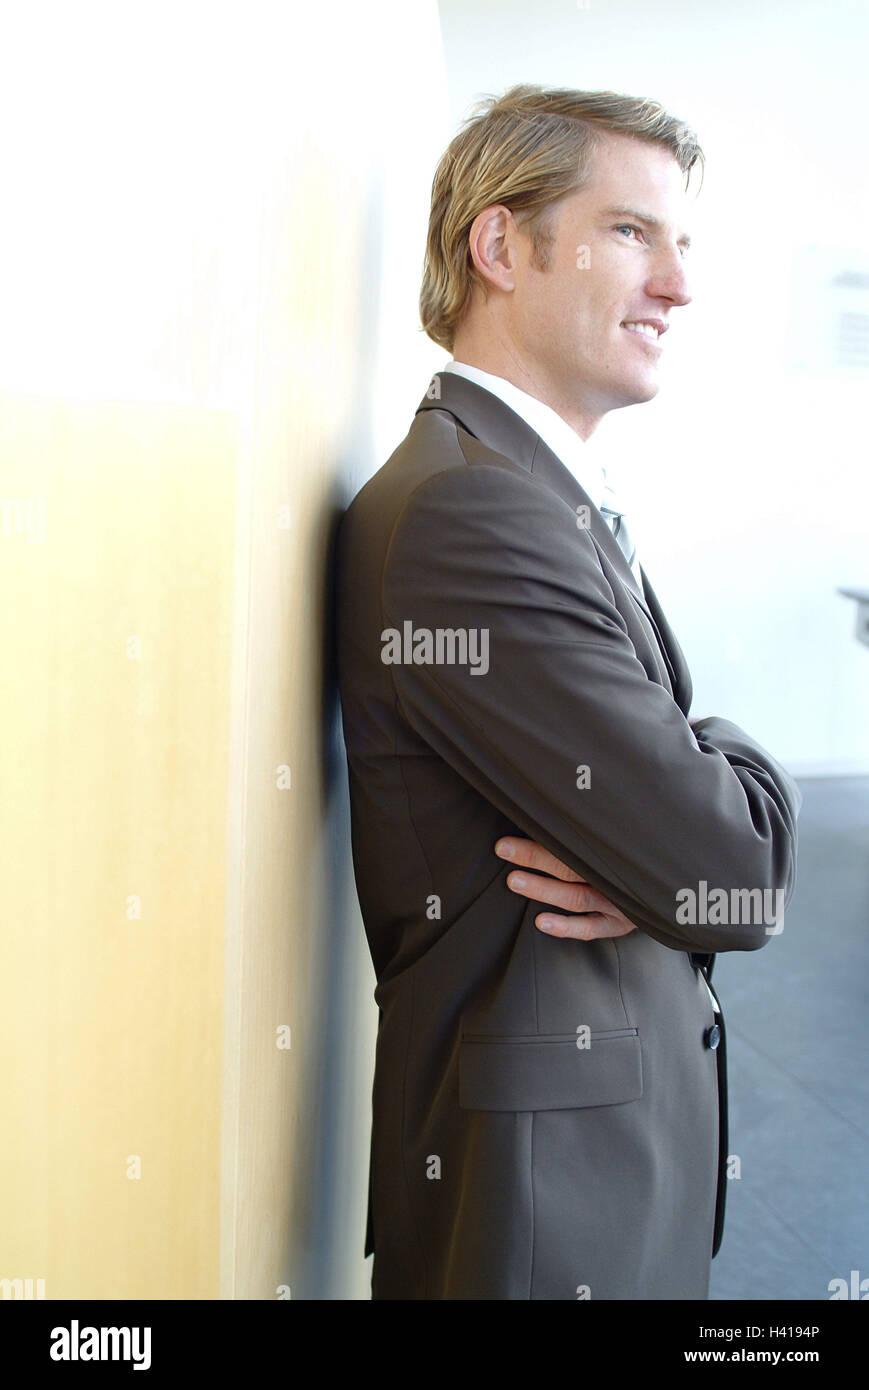 L'homme, jeunes, satisfait, demi-portrait, side view, l'entreprise, office de tourisme, d'affaires, Photo Stock